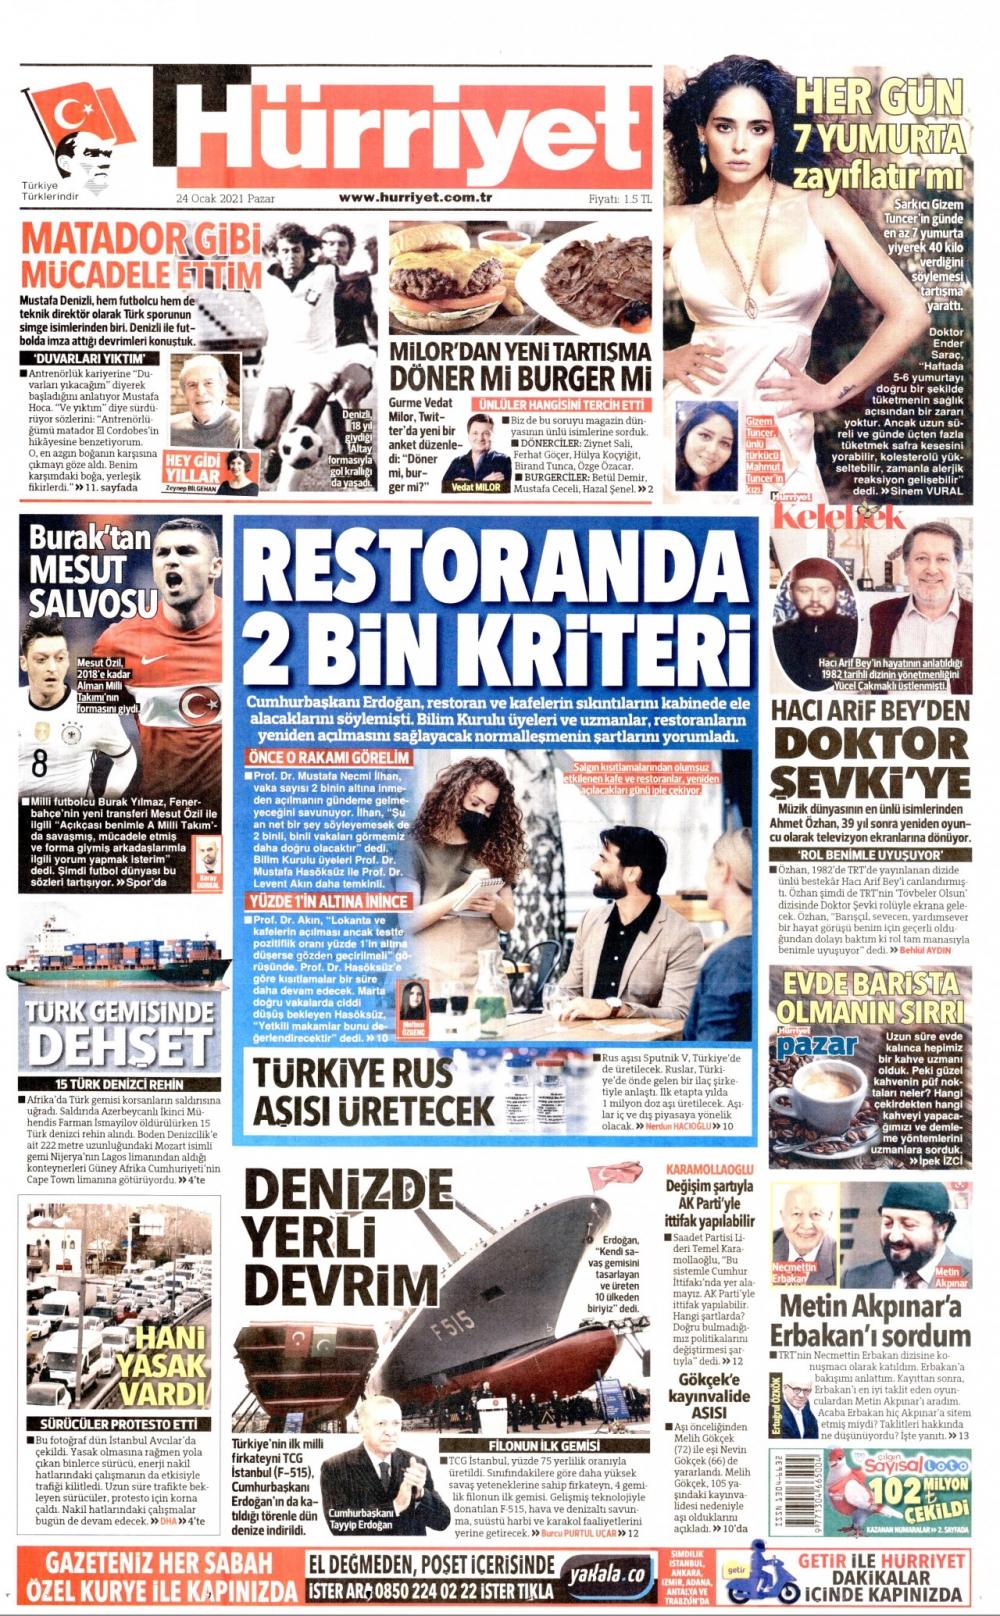 Günün Gazete Manşetleri 24 Ocak 2021 Gazeteler Ne Diyor? 1